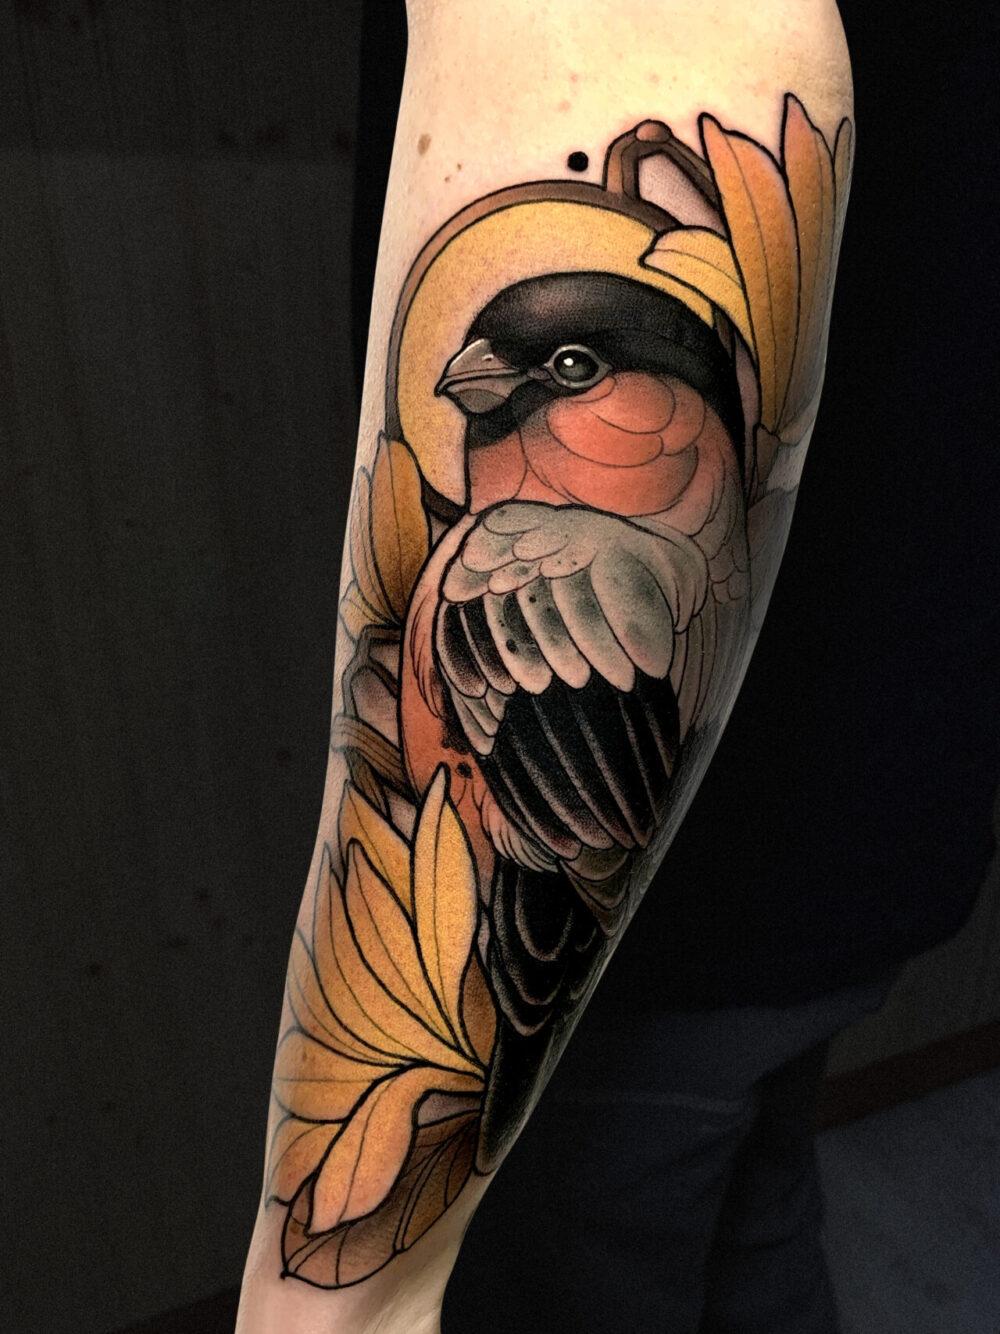 Krish Trece, Soho Ink, NYC, USA